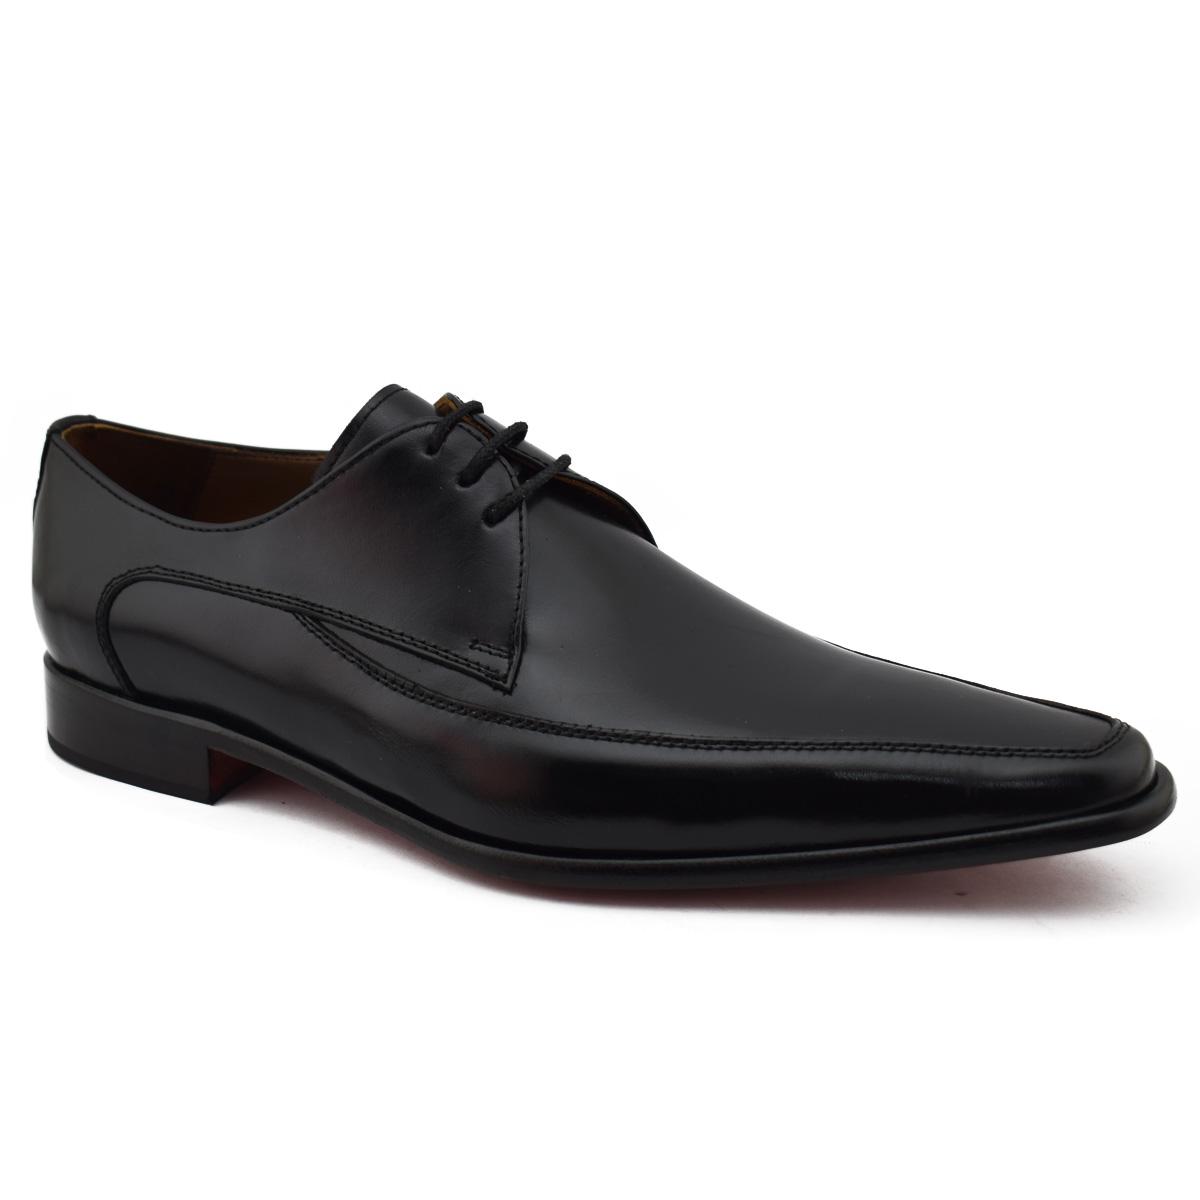 e0d82f2bed3 zapatos-exclusivos-moda-hombre-dino-butelli-shoes